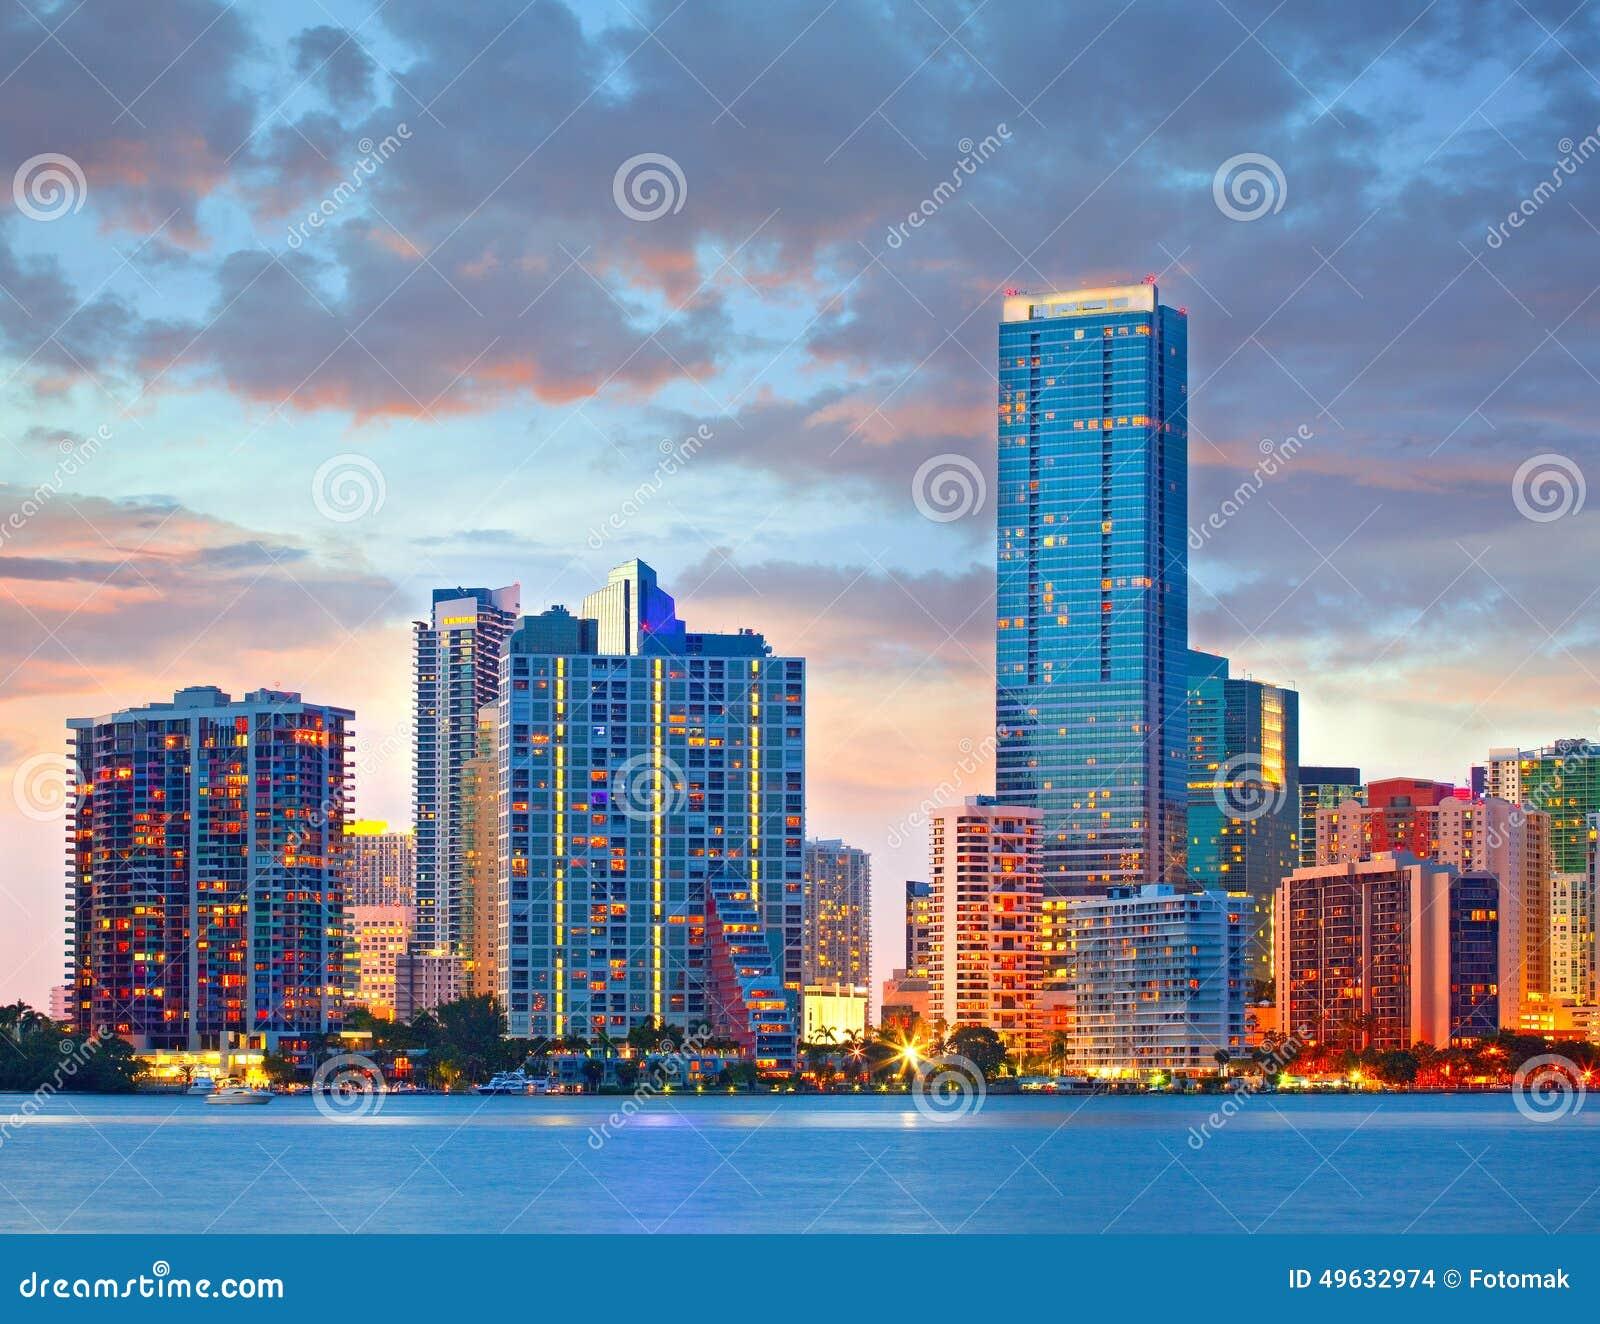 Miami la Florida los E.E.U.U., puesta del sol o salida del sol sobre el horizonte de la ciudad